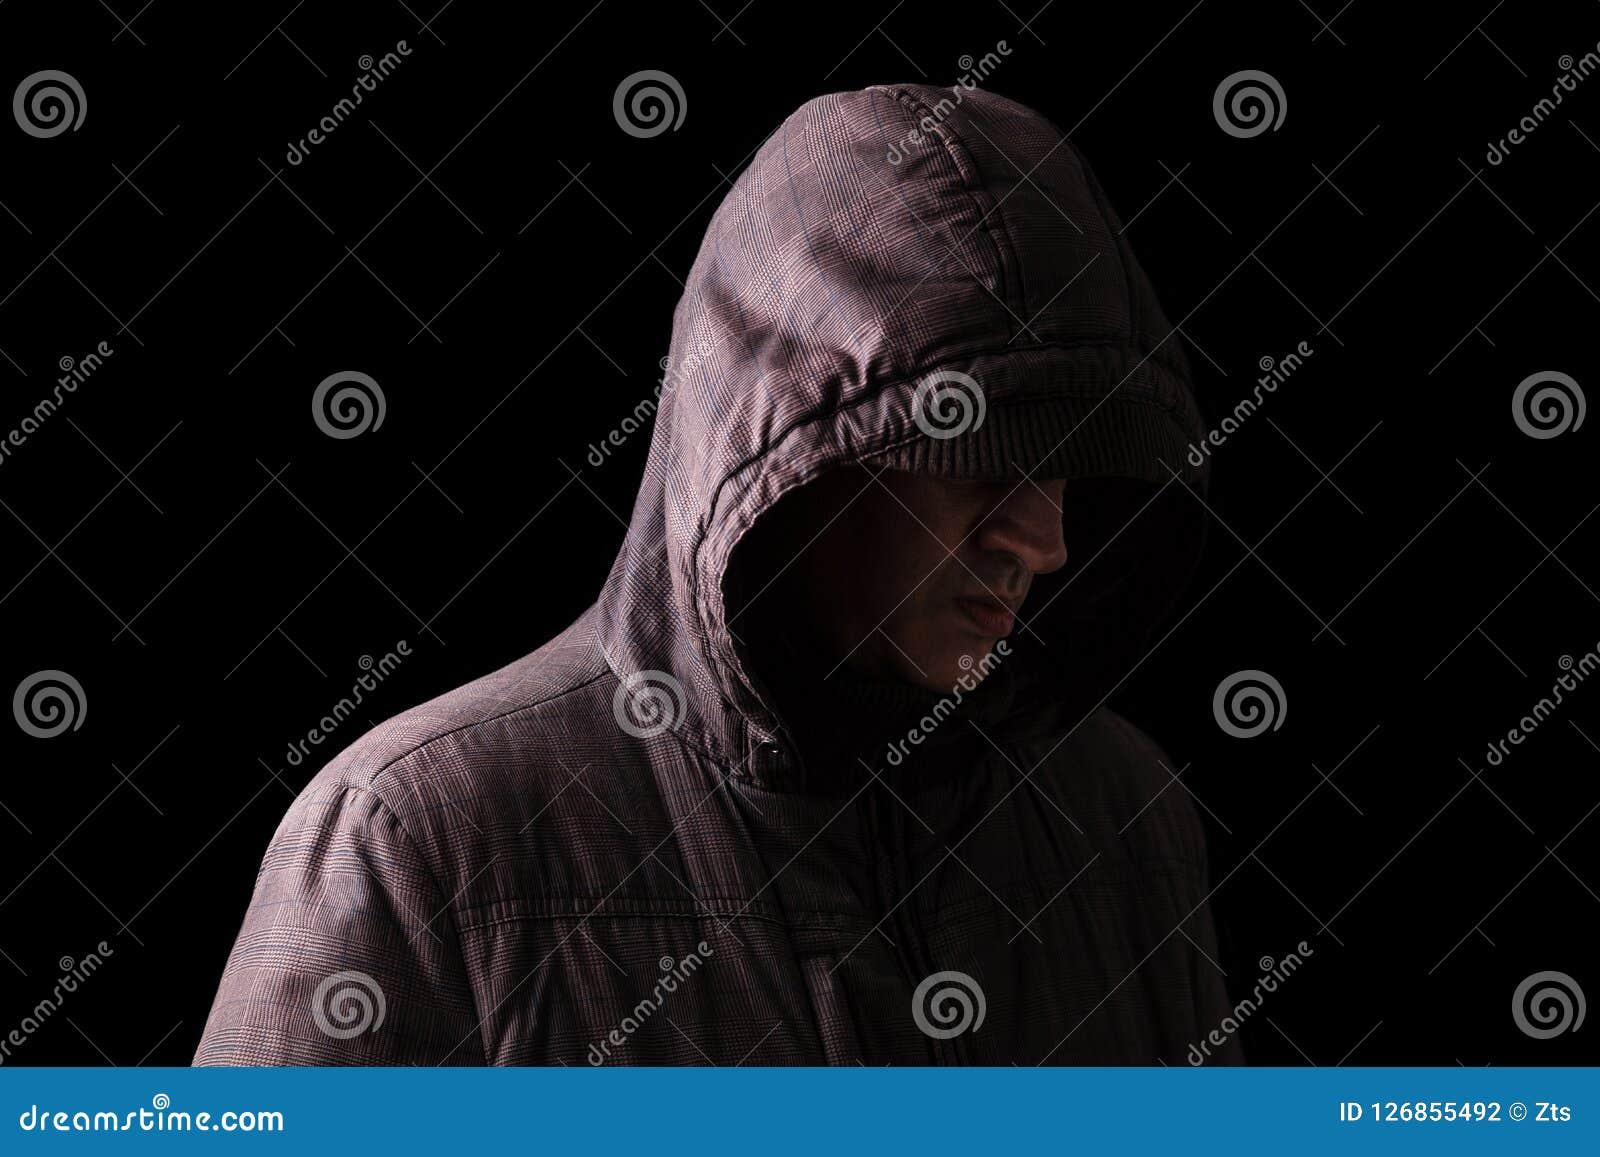 Cara escondendo só, deprimida e frágil do homem caucasiano ou branco, estando na escuridão